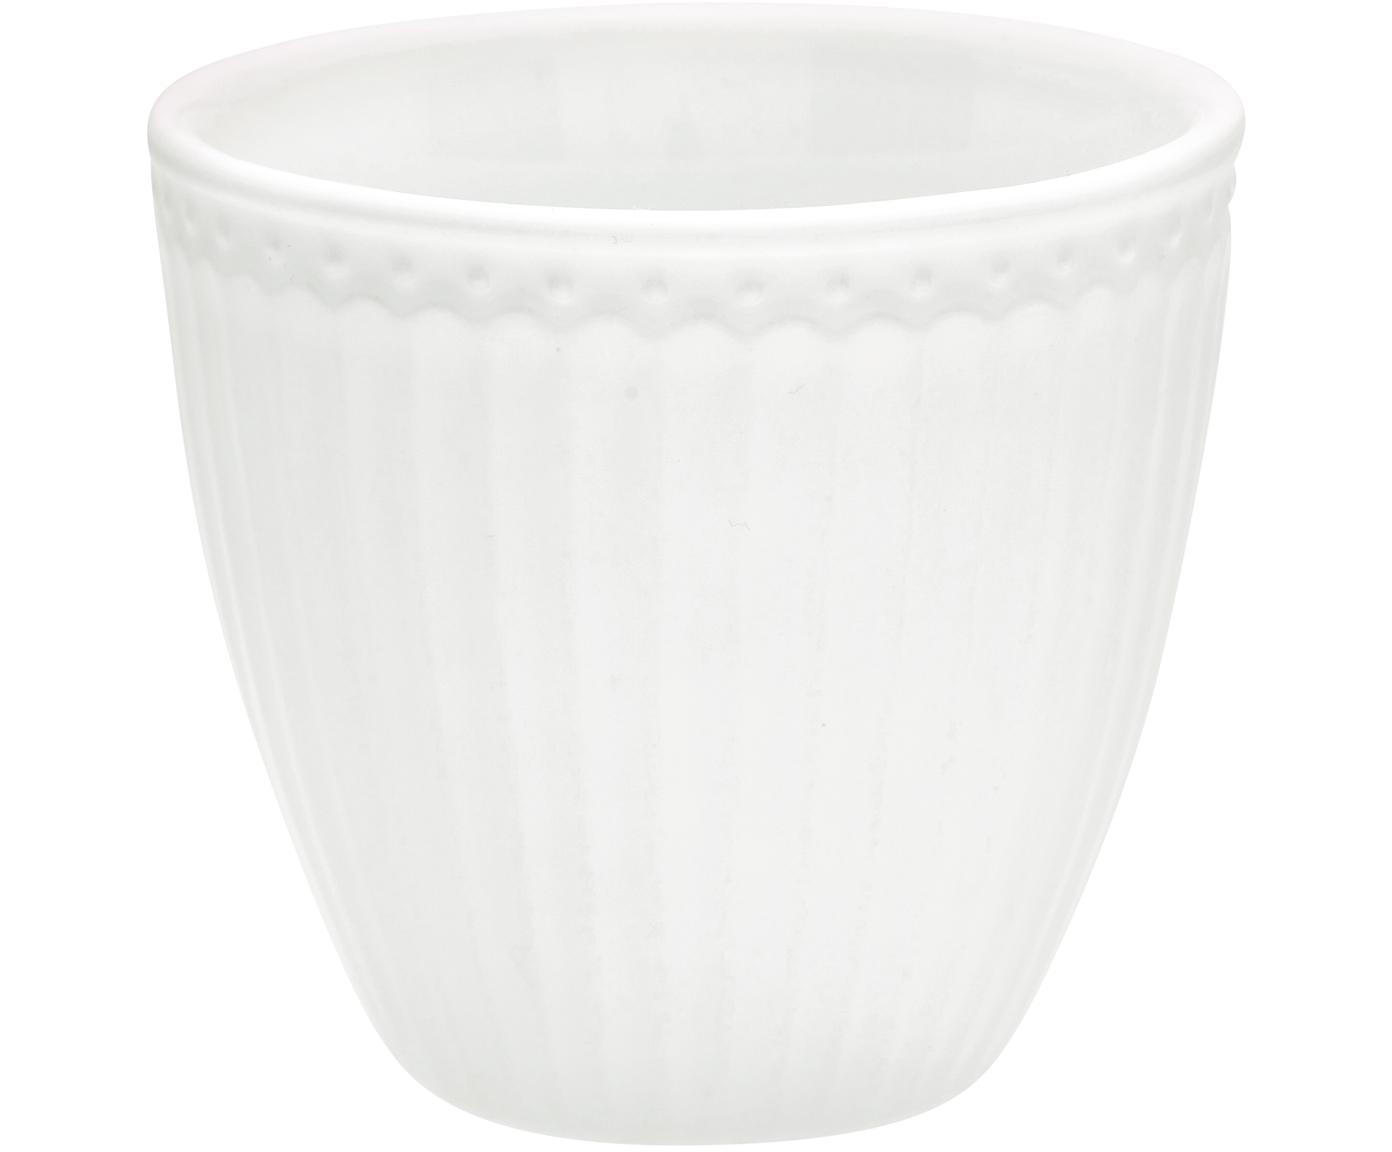 Becher Alice in Weiß mit Reliefdesign, 2 Stück, Porzellan, Weiß, Ø 10 x H 9 cm